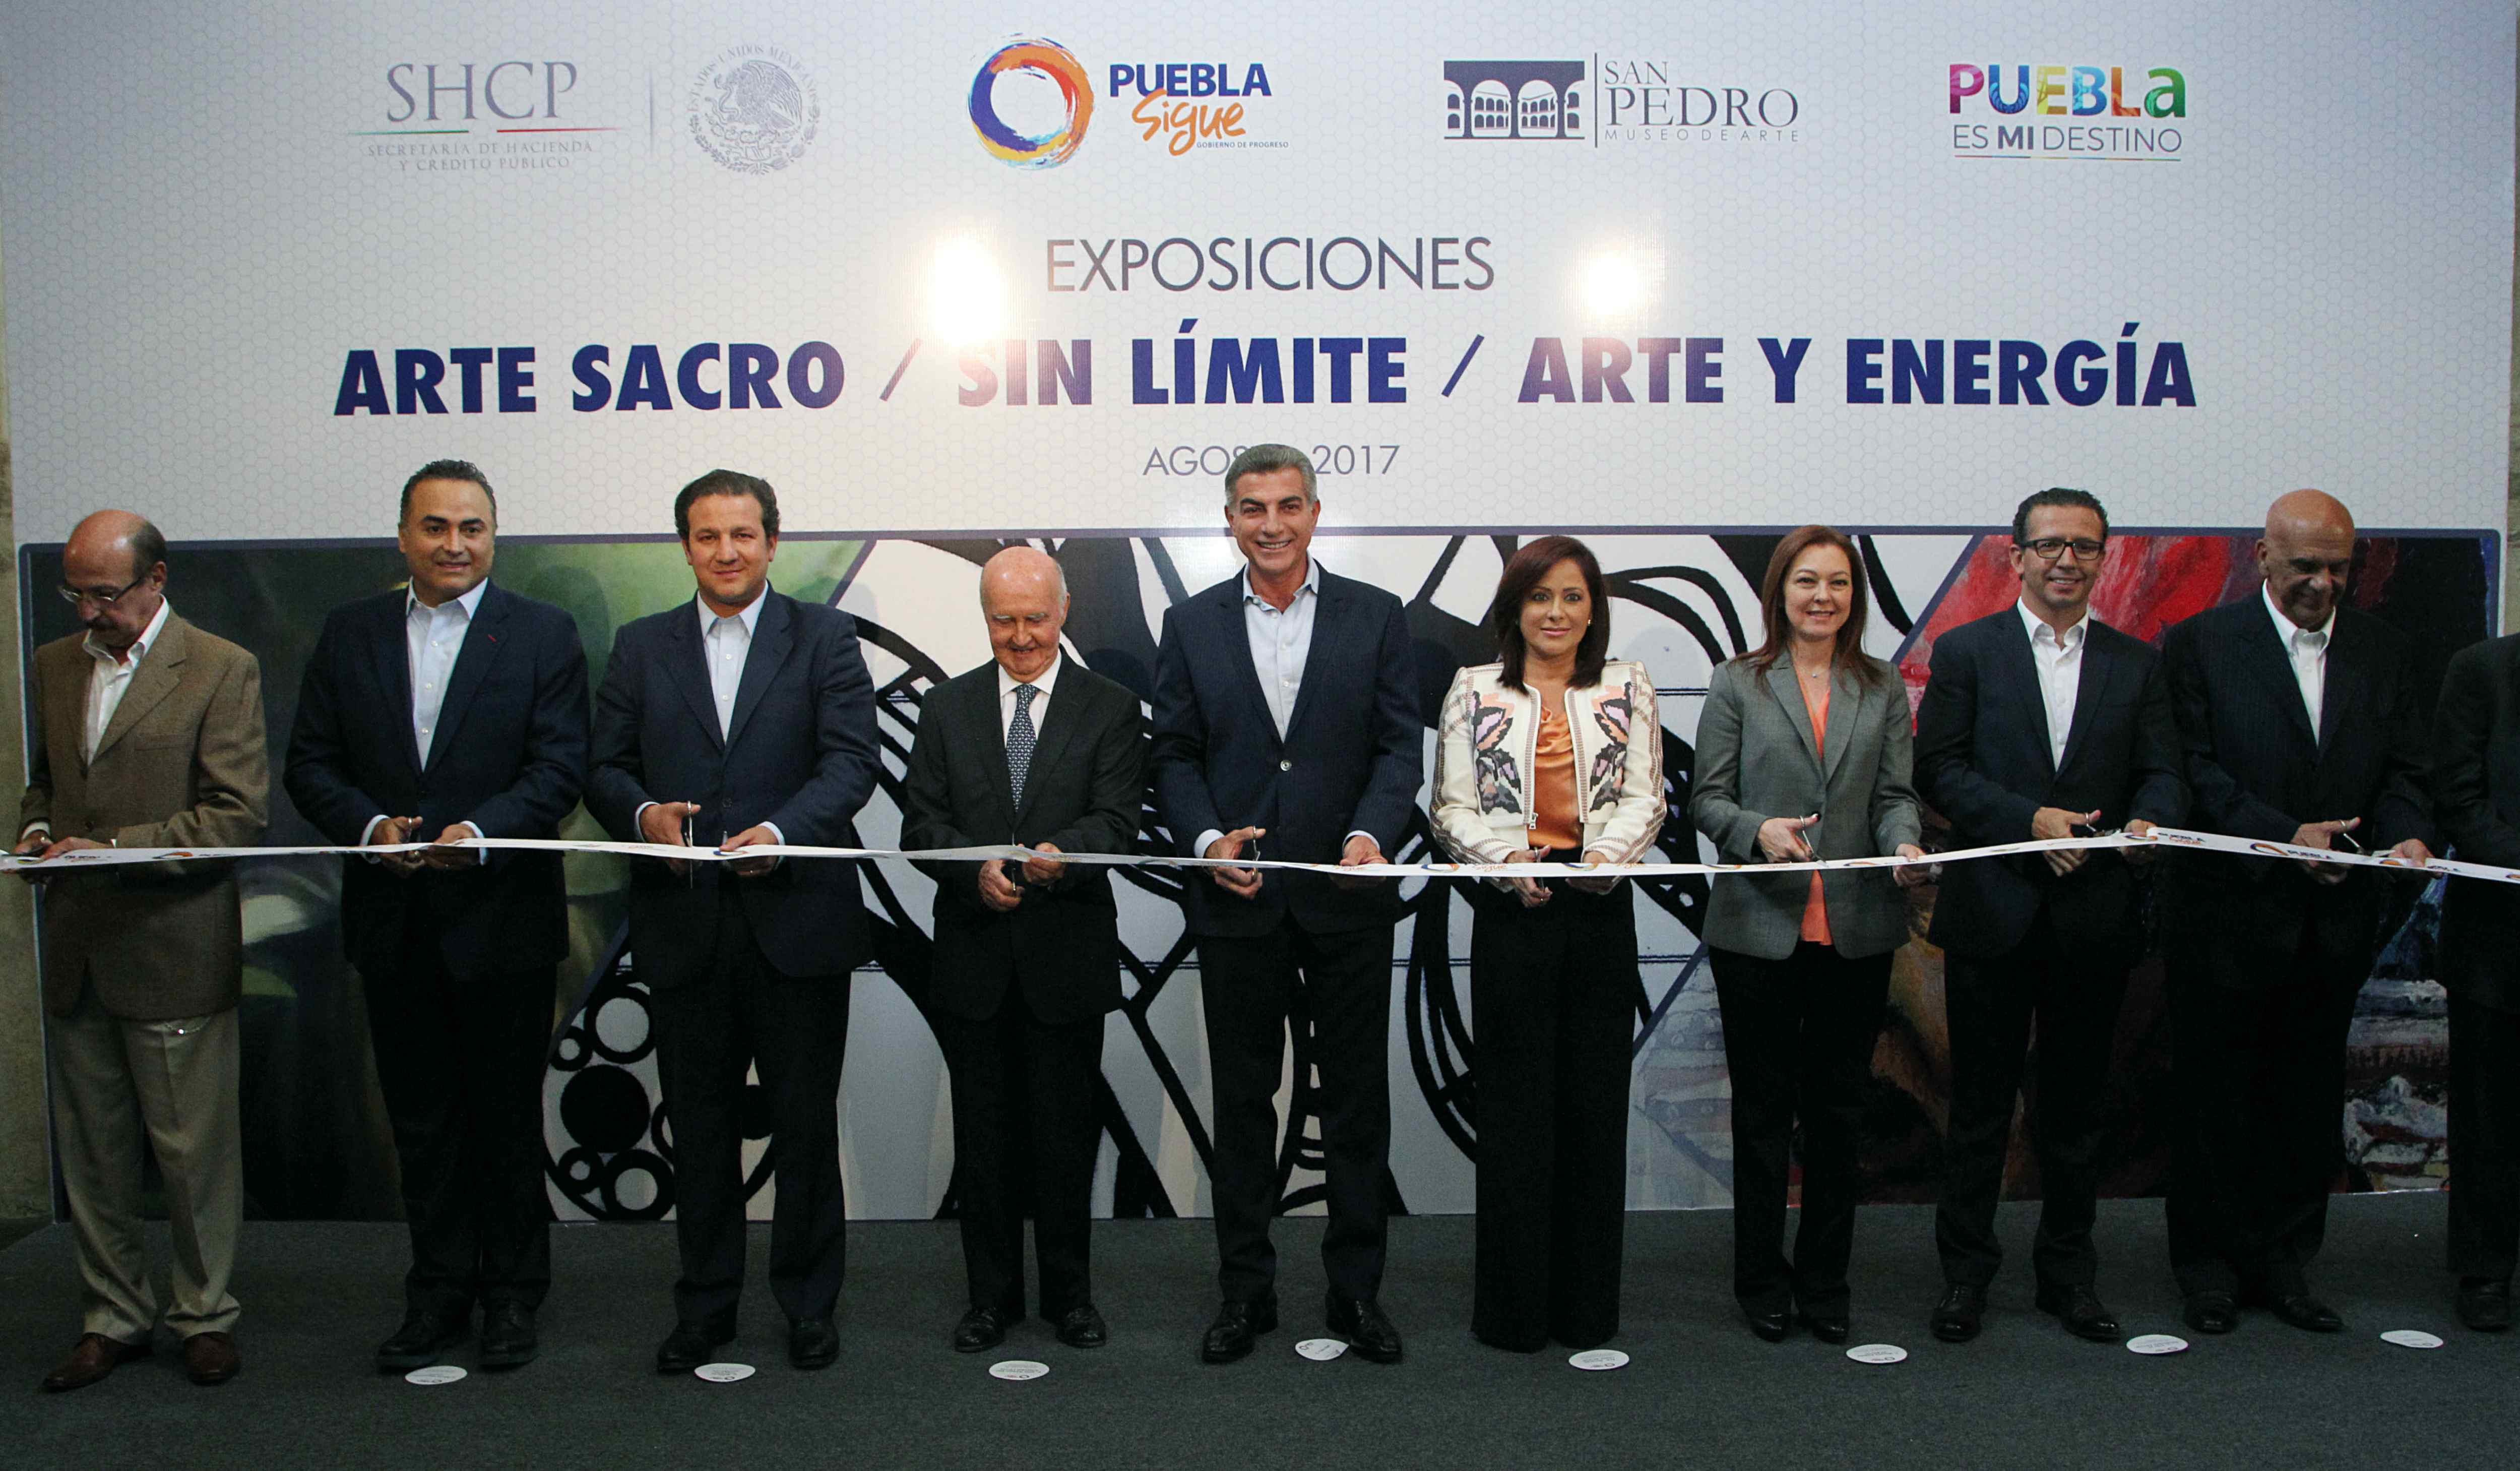 Inaugura Gali exposiciones Arte Sacro, Sin límite y Arte y energía